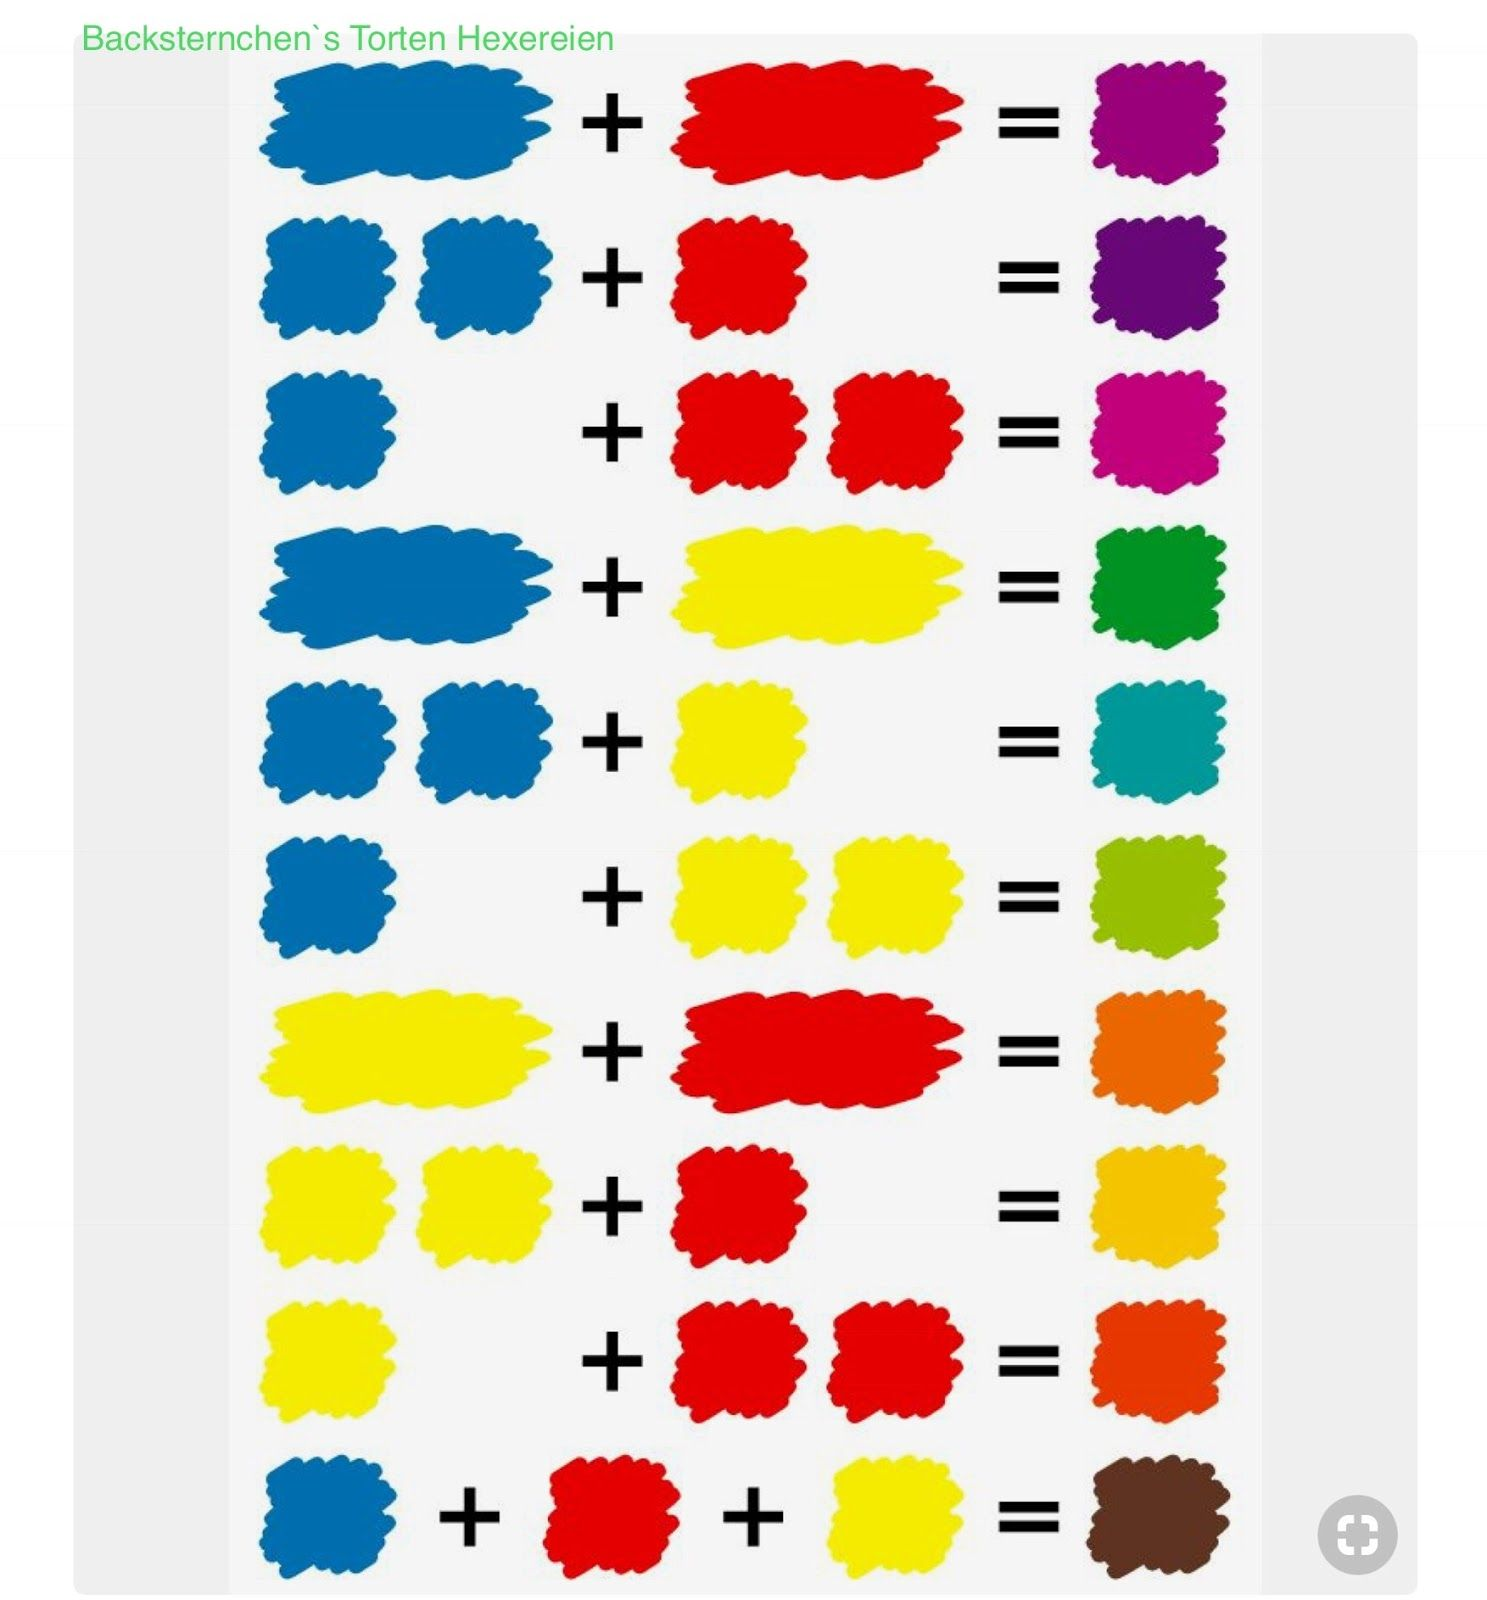 Ral Farben Selber Mischen Tabelle: Farben Mischen Fondant, Farbkreis Nach Itten,